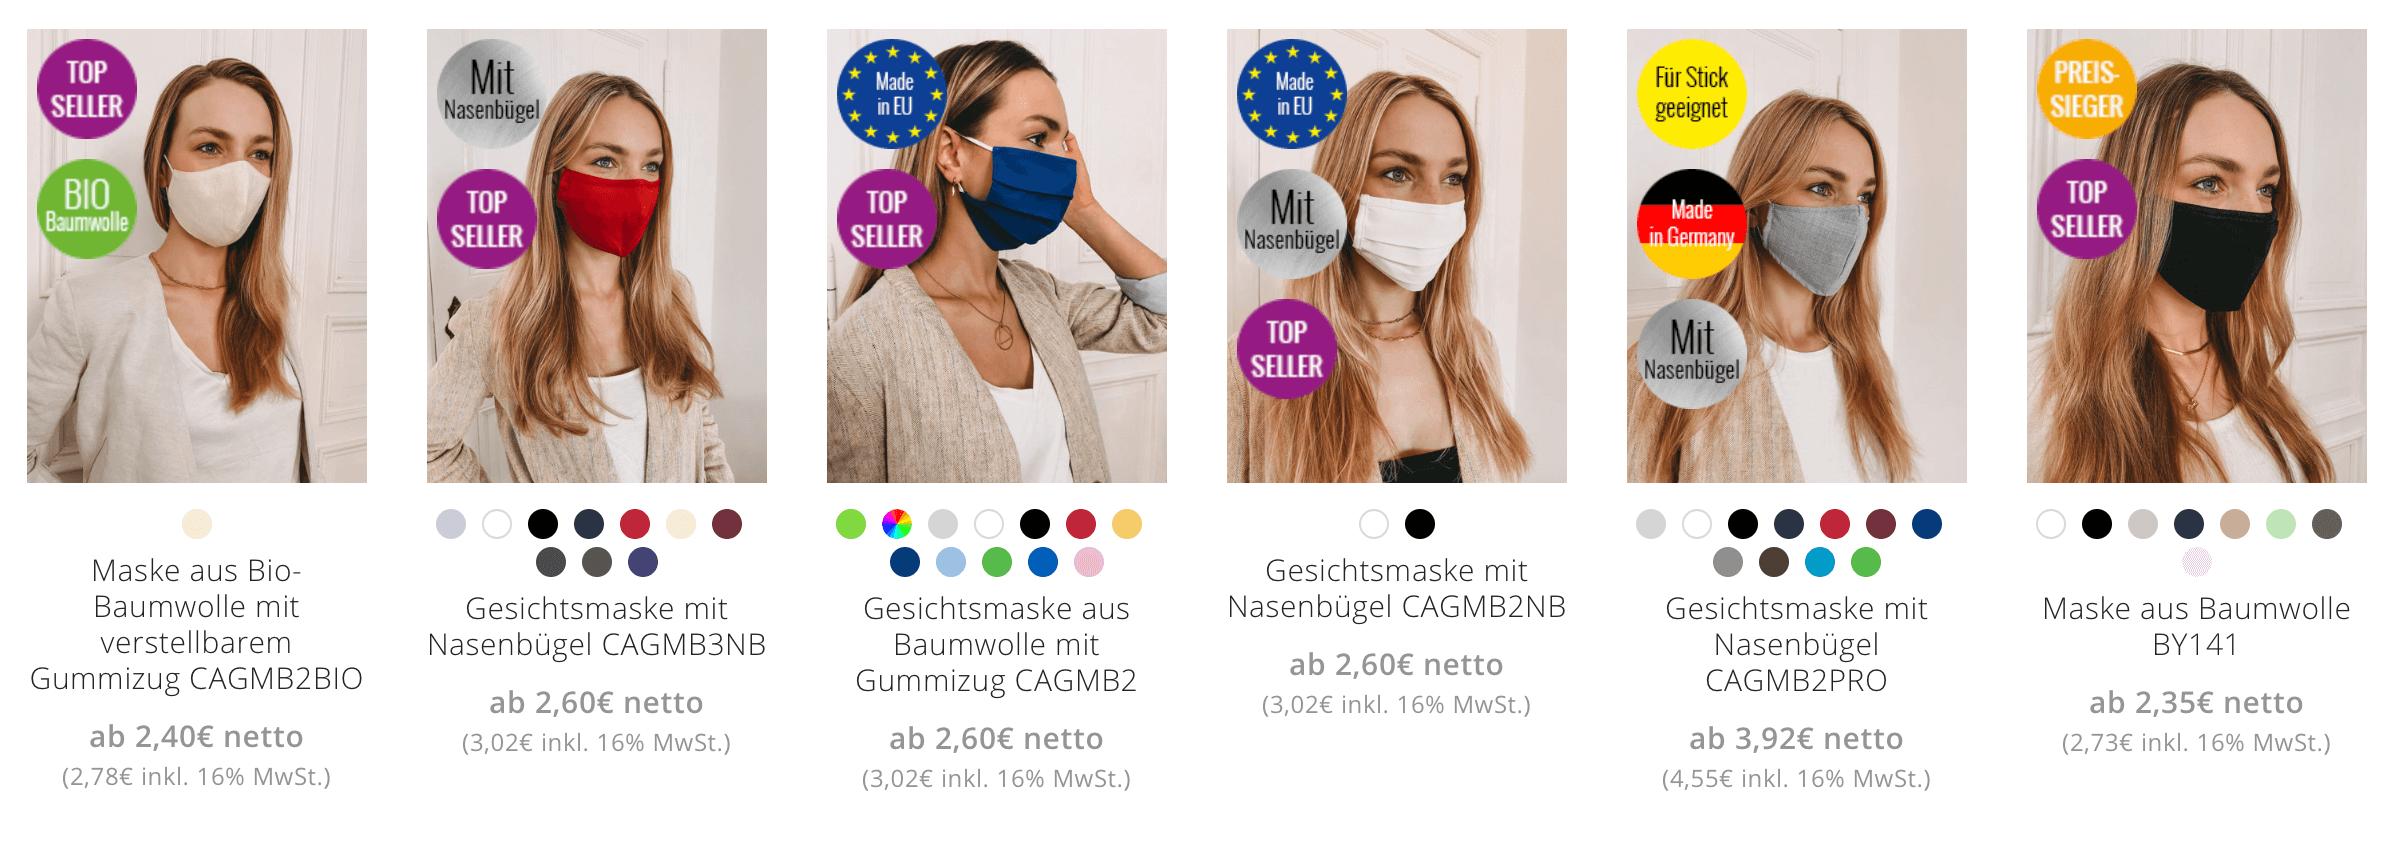 Masken bedrucken - Preisübersicht